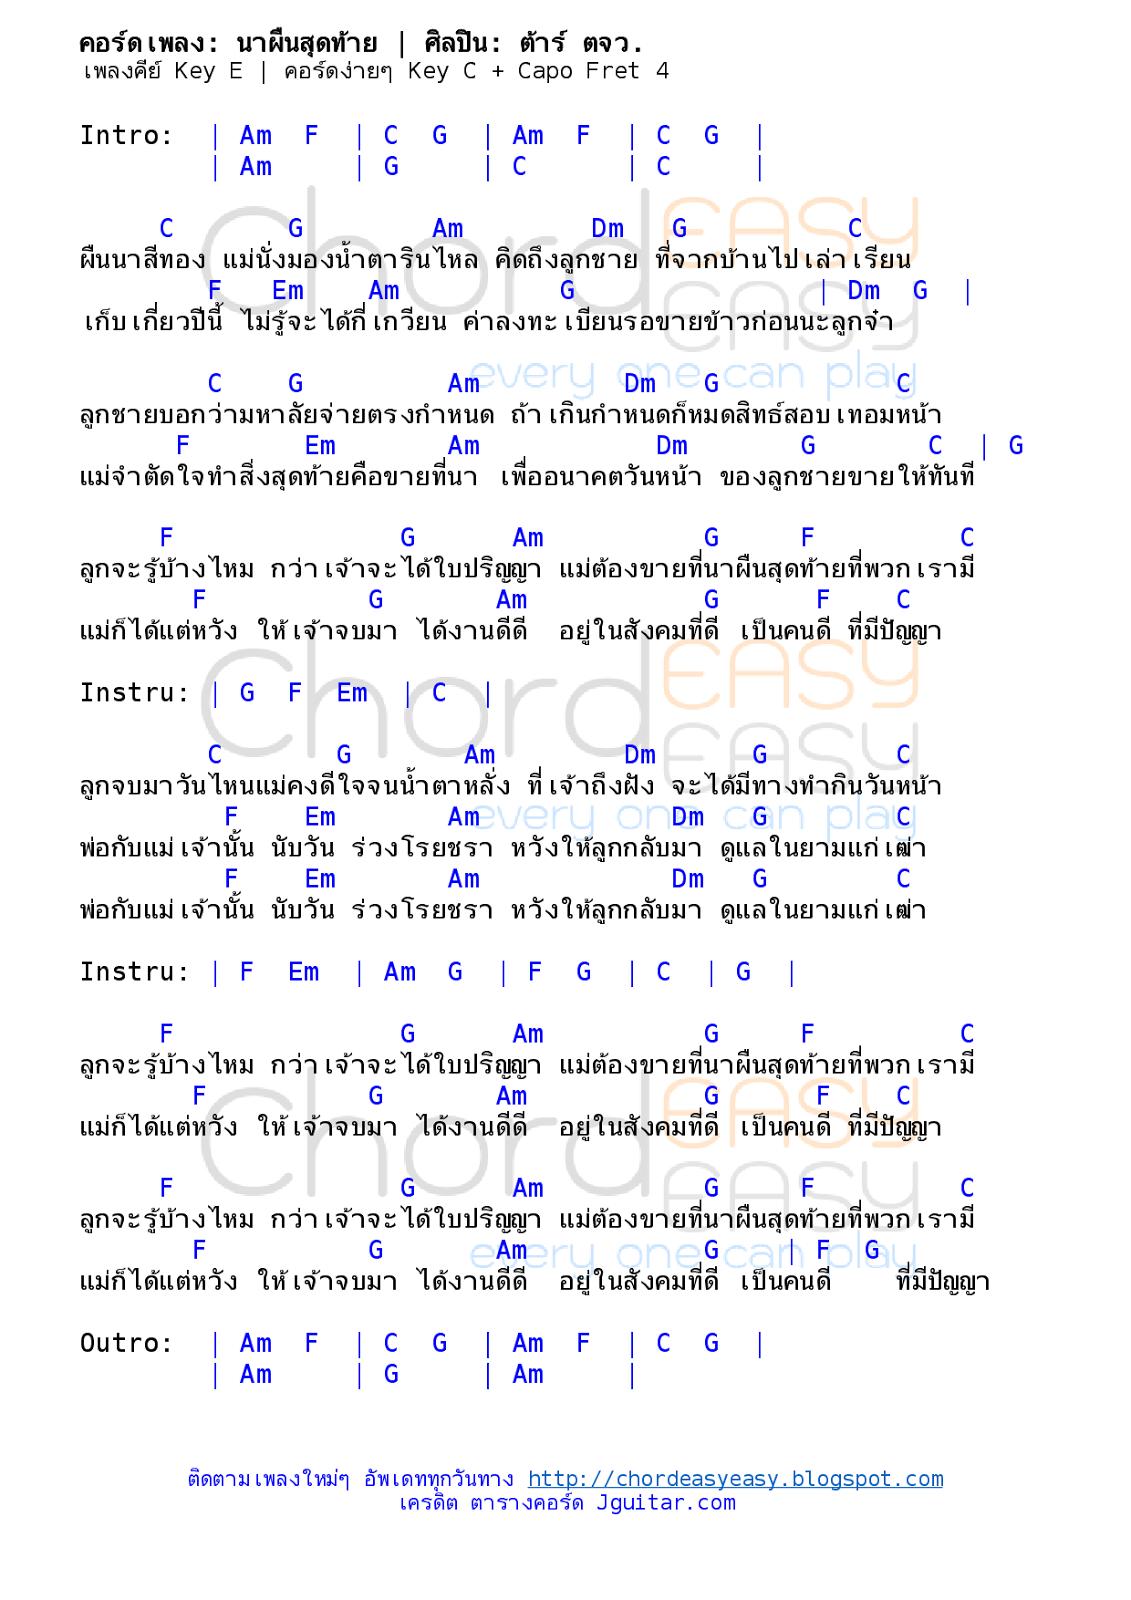 คอร์ดเพลง: นาผืนสุดท้าย | ศิลปิน: ต้าร์ ตจว. | คอร์ดง่ายๆ Key C | คำร้อง/ทำนอง : ใยบัว | เรียบเรียง : ไมเคิล เชงเม้ง (กลอง ต้น เมืองเตย) | คอร์ดเพลง นาผืนสุดท้าย | คอร์ดกีตาร์ | Ukulele | เนื้อร้อง | เนื้อเพลง นาผืนสุดท้าย | ต้าร์ ตจว.